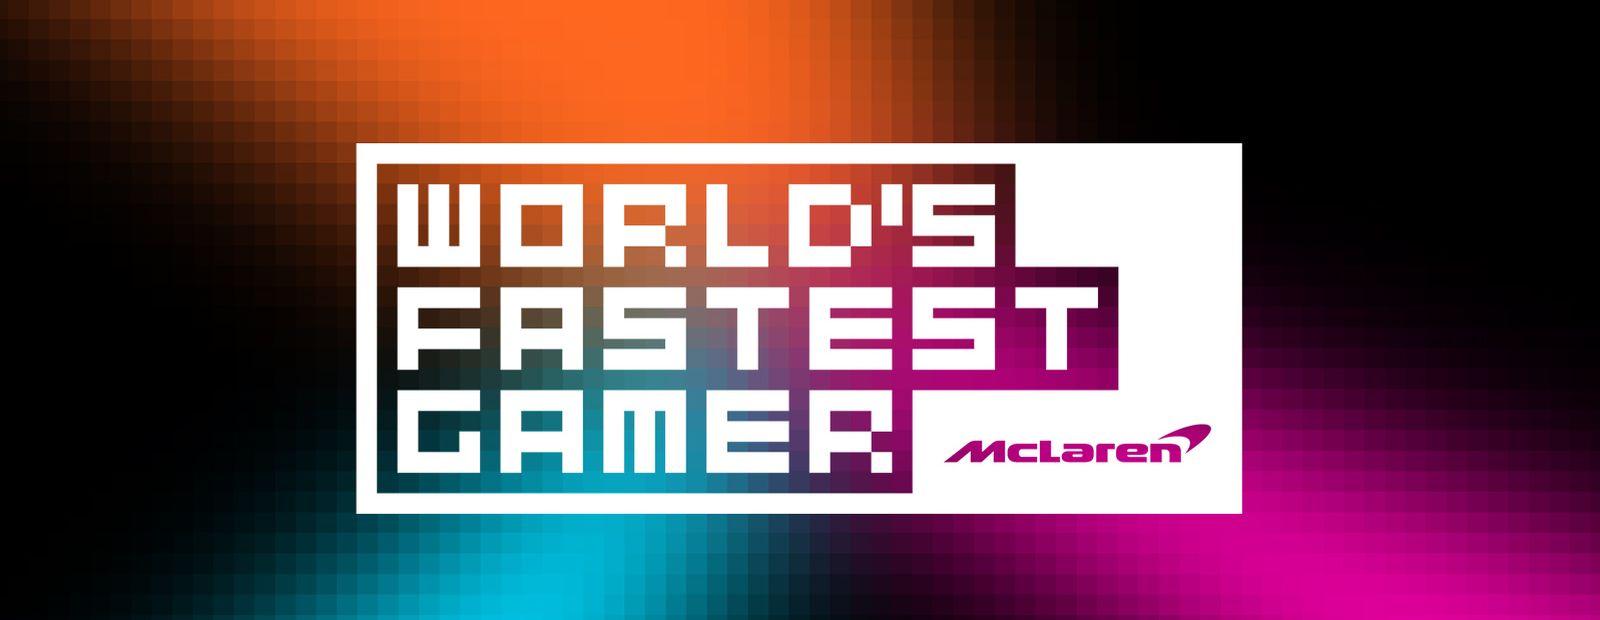 World's Fastest Gamer logo